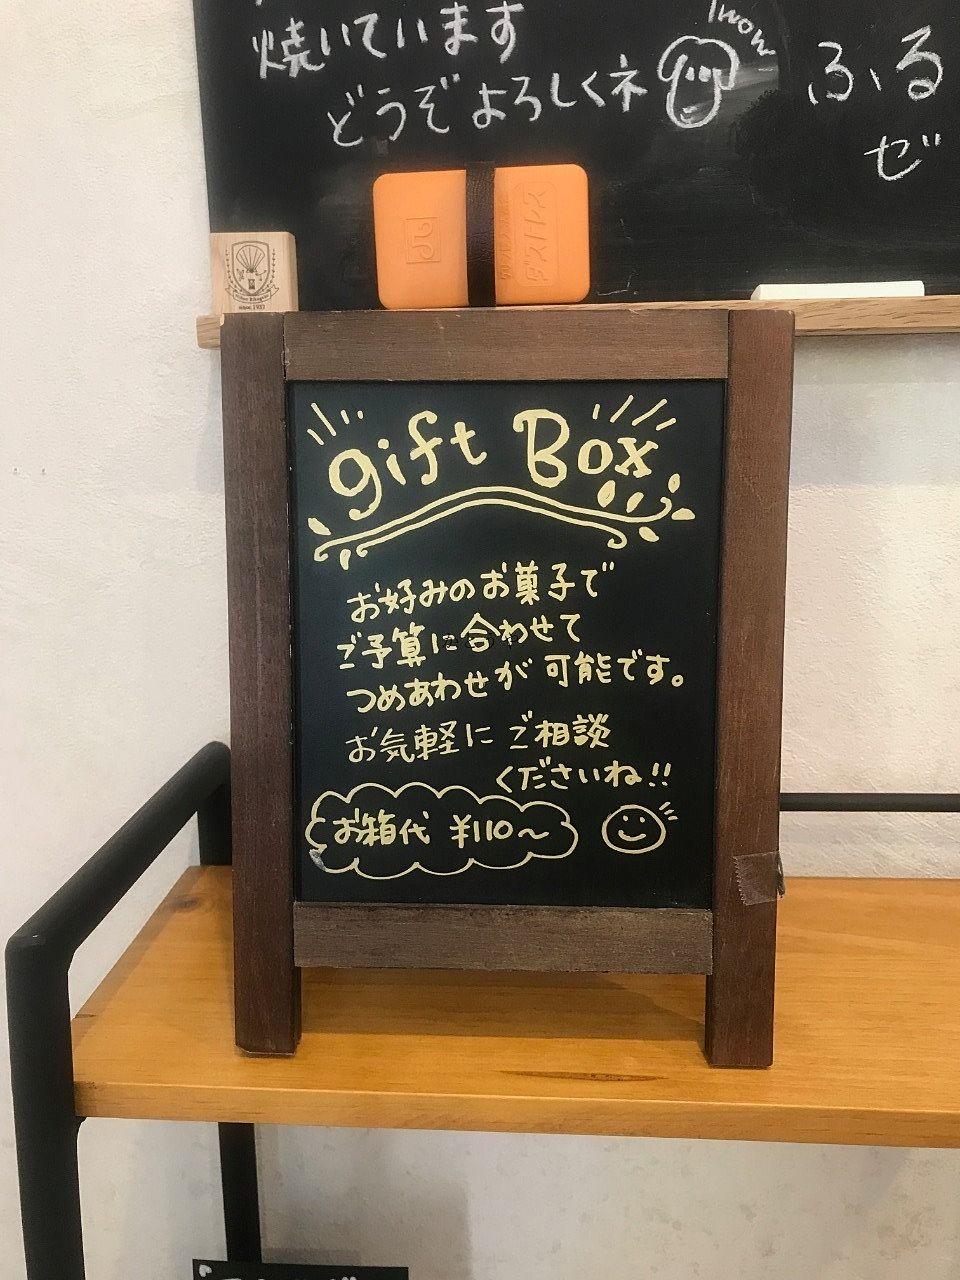 プレゼントなどにぴったりなgift boxも対応して下さいます。